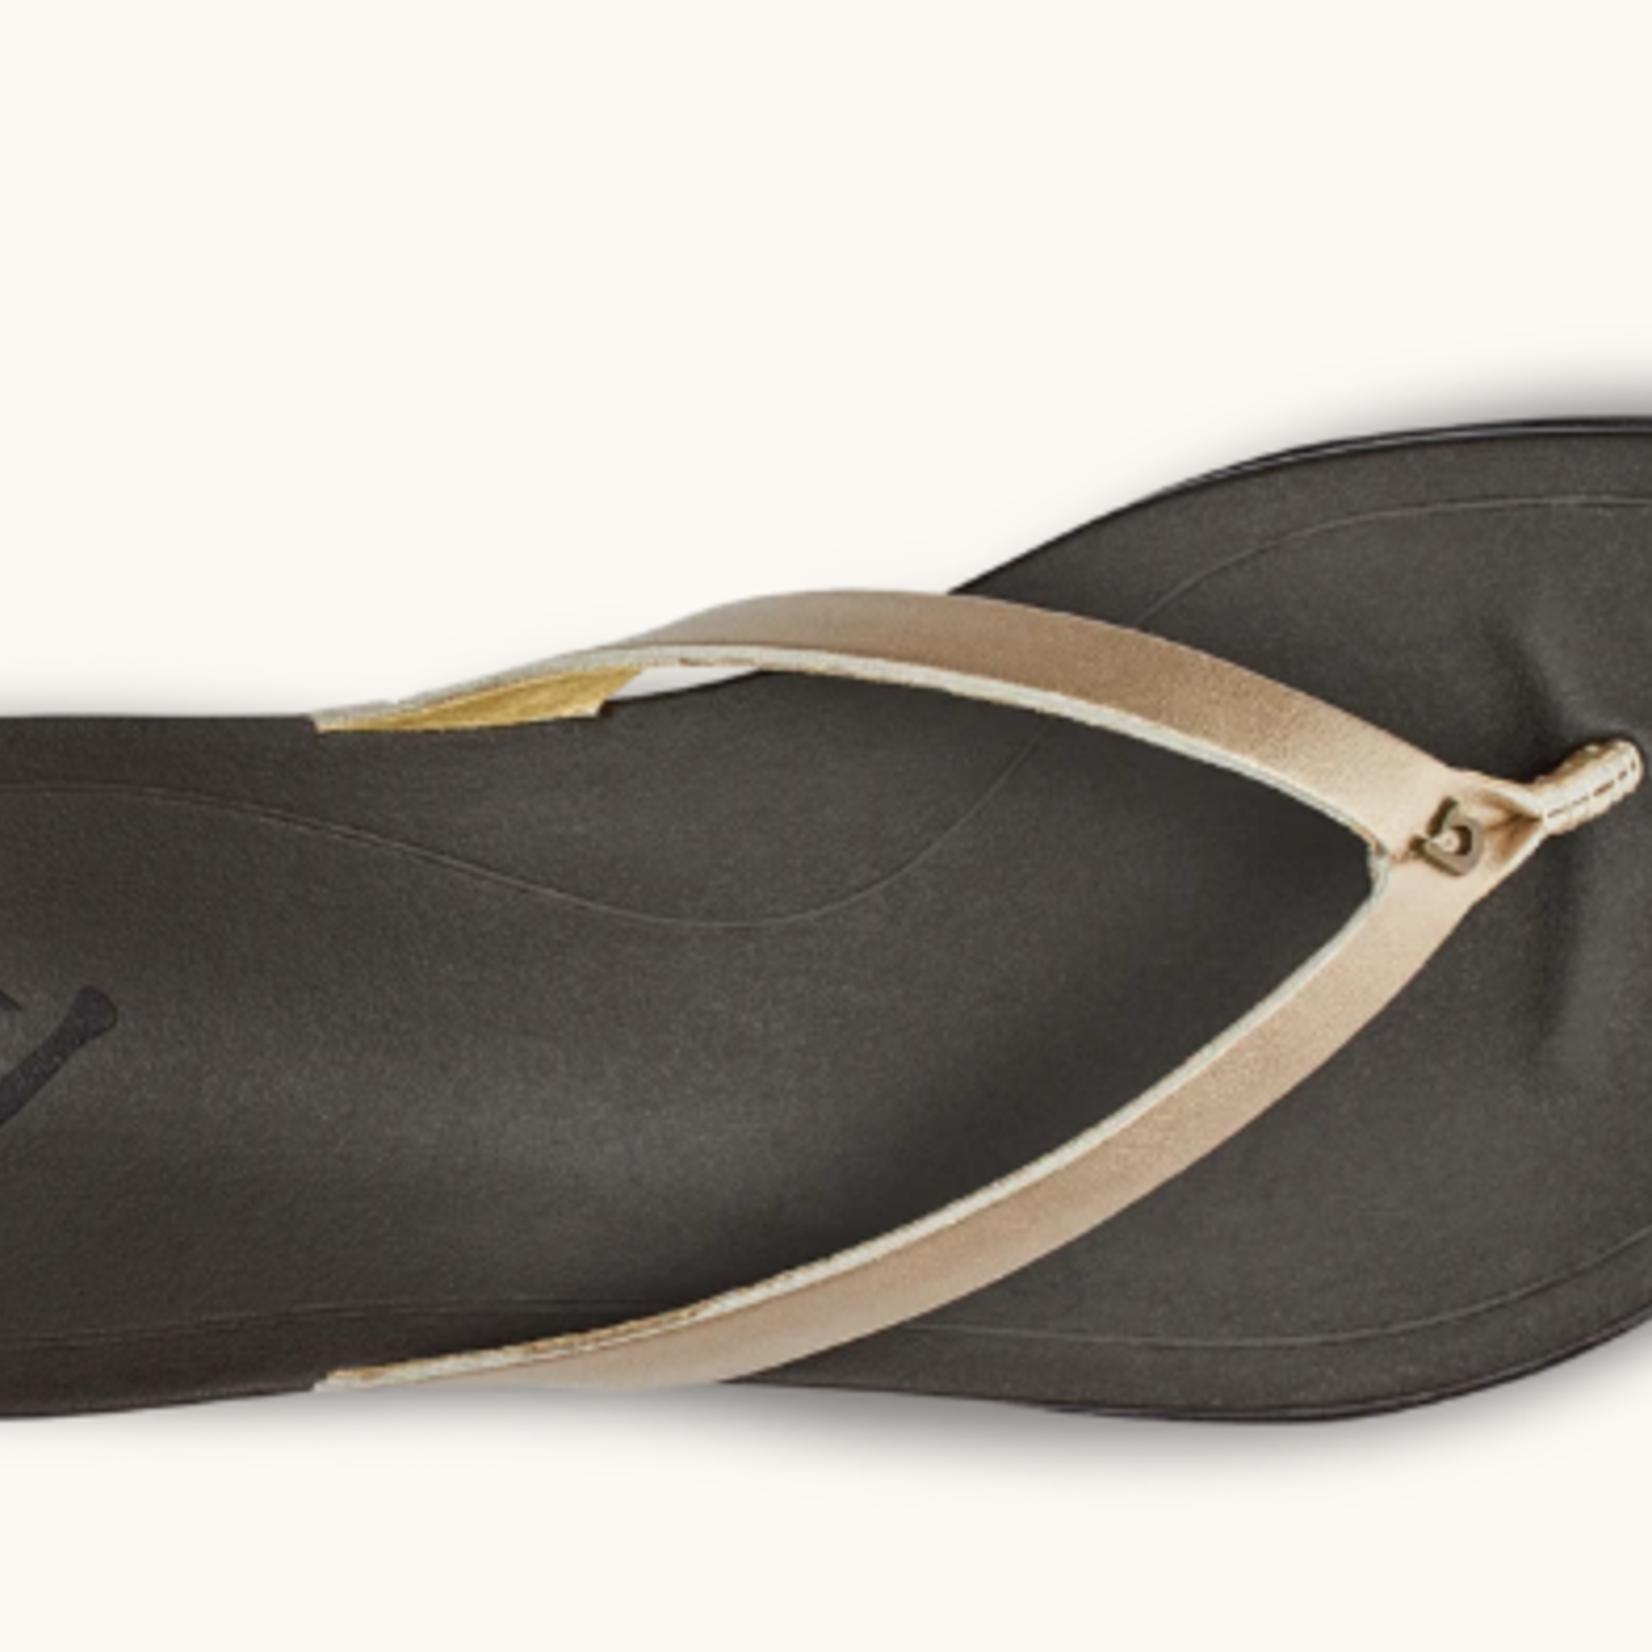 Olukai OluKai Ho'opio Leather - P-138787